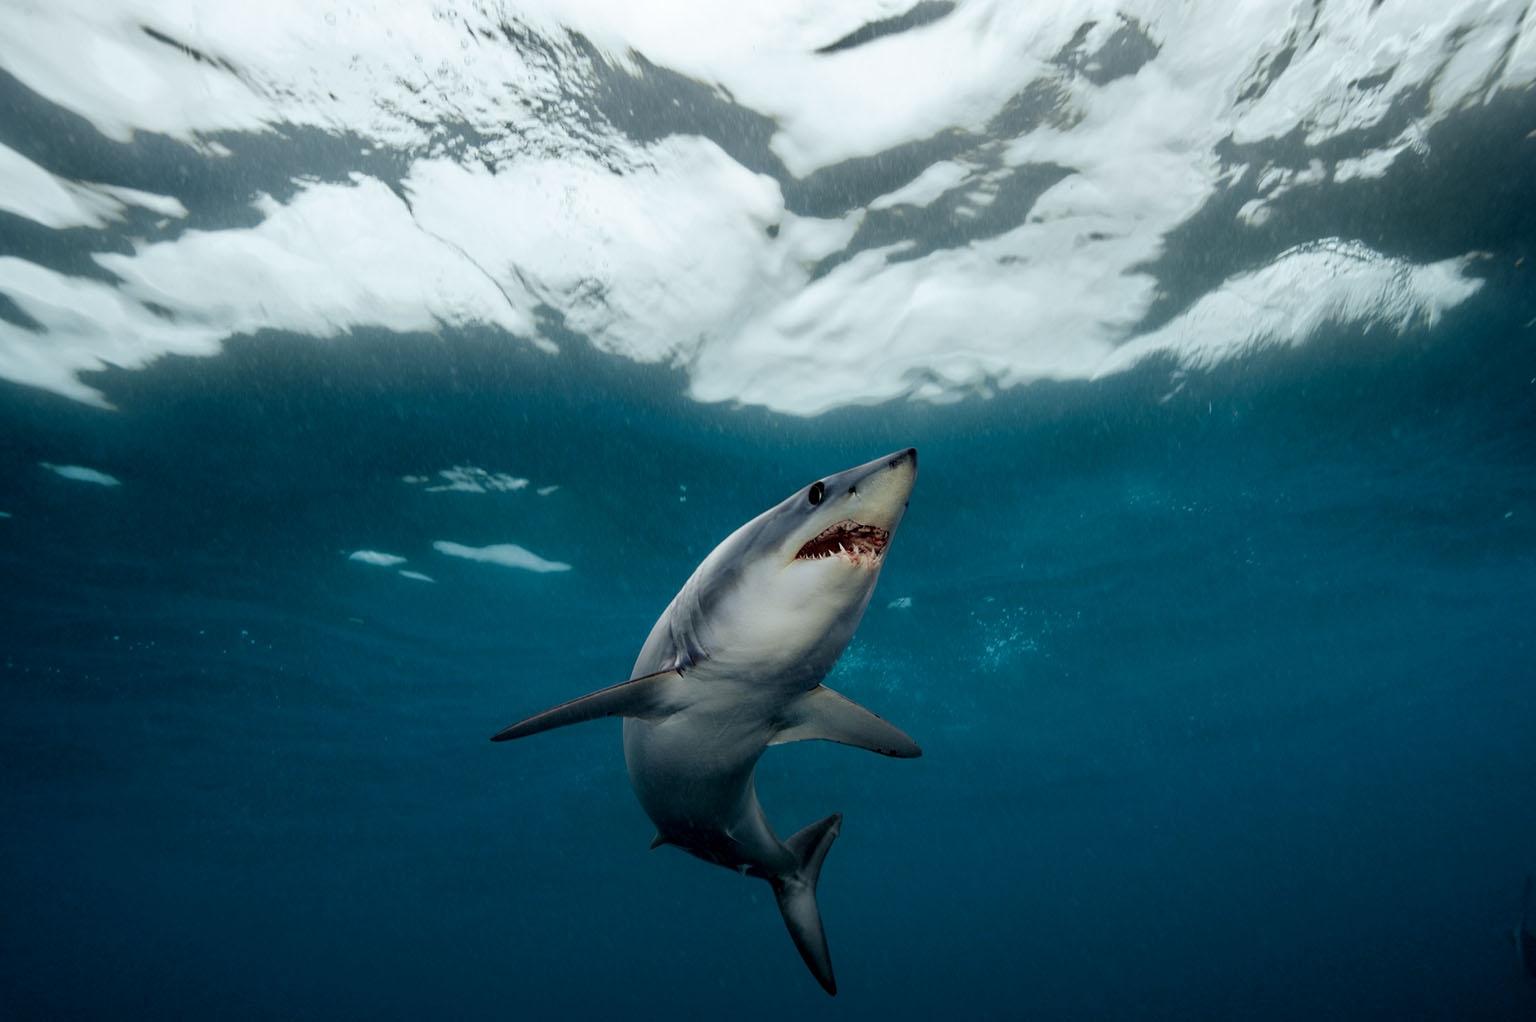 「有牙齒的魚雷。」攝影師布萊恩.史蓋瑞如此形容尖吻鯖鯊。「牠圓錐形的鼻子彷彿能刺穿海洋。」成熟的母鯊可達600公斤以上,但游速仍足以伏擊行動敏捷的黃鰭鮪。 攝影:布萊恩.史蓋瑞 Brian Skerry